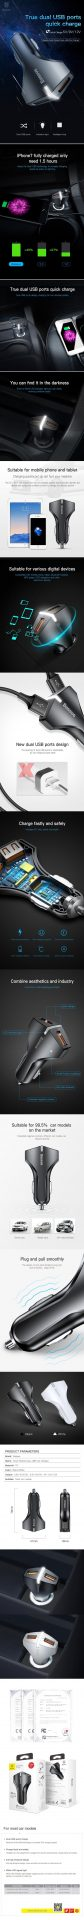 Tẩu sạc Baseus Rocket Dual -USB cho xe ô tô , hỗ trợ sạc nhanh tối đa 18W cho điện thoại iPhone/Samsung/Xiaomi/ Nokia...